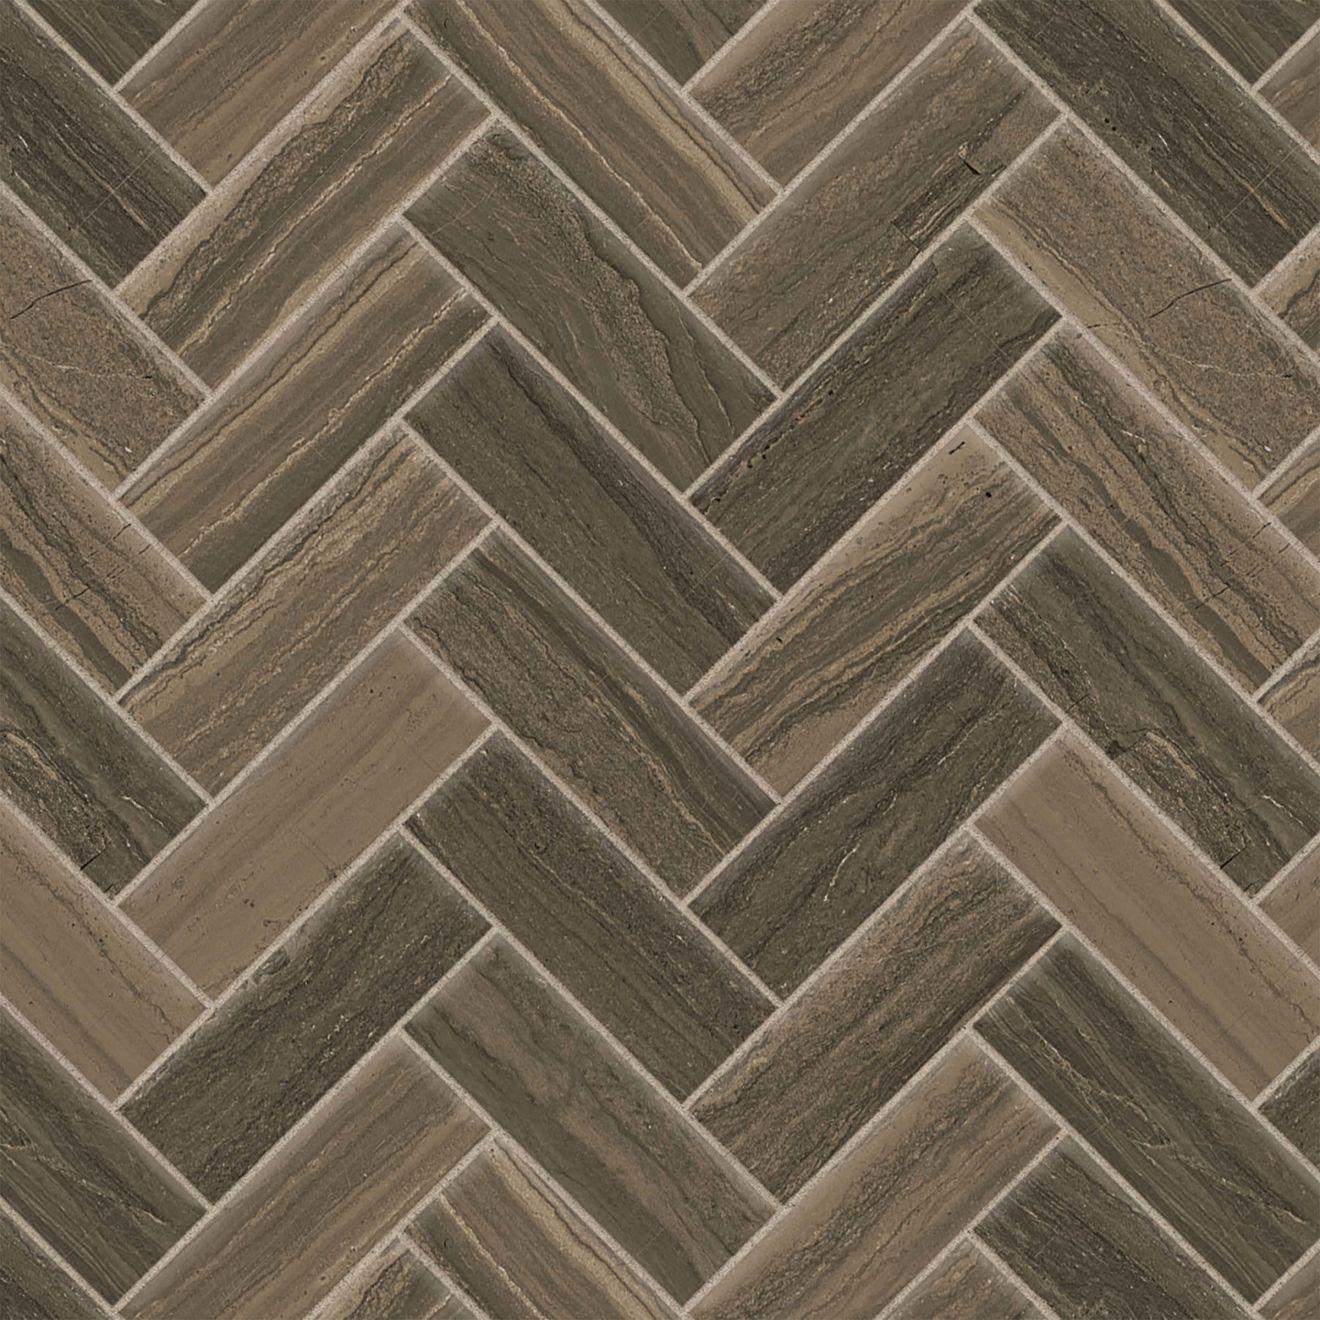 """Highland 1"""" x 4"""" Floor & Wall Mosaic in Cocoa"""